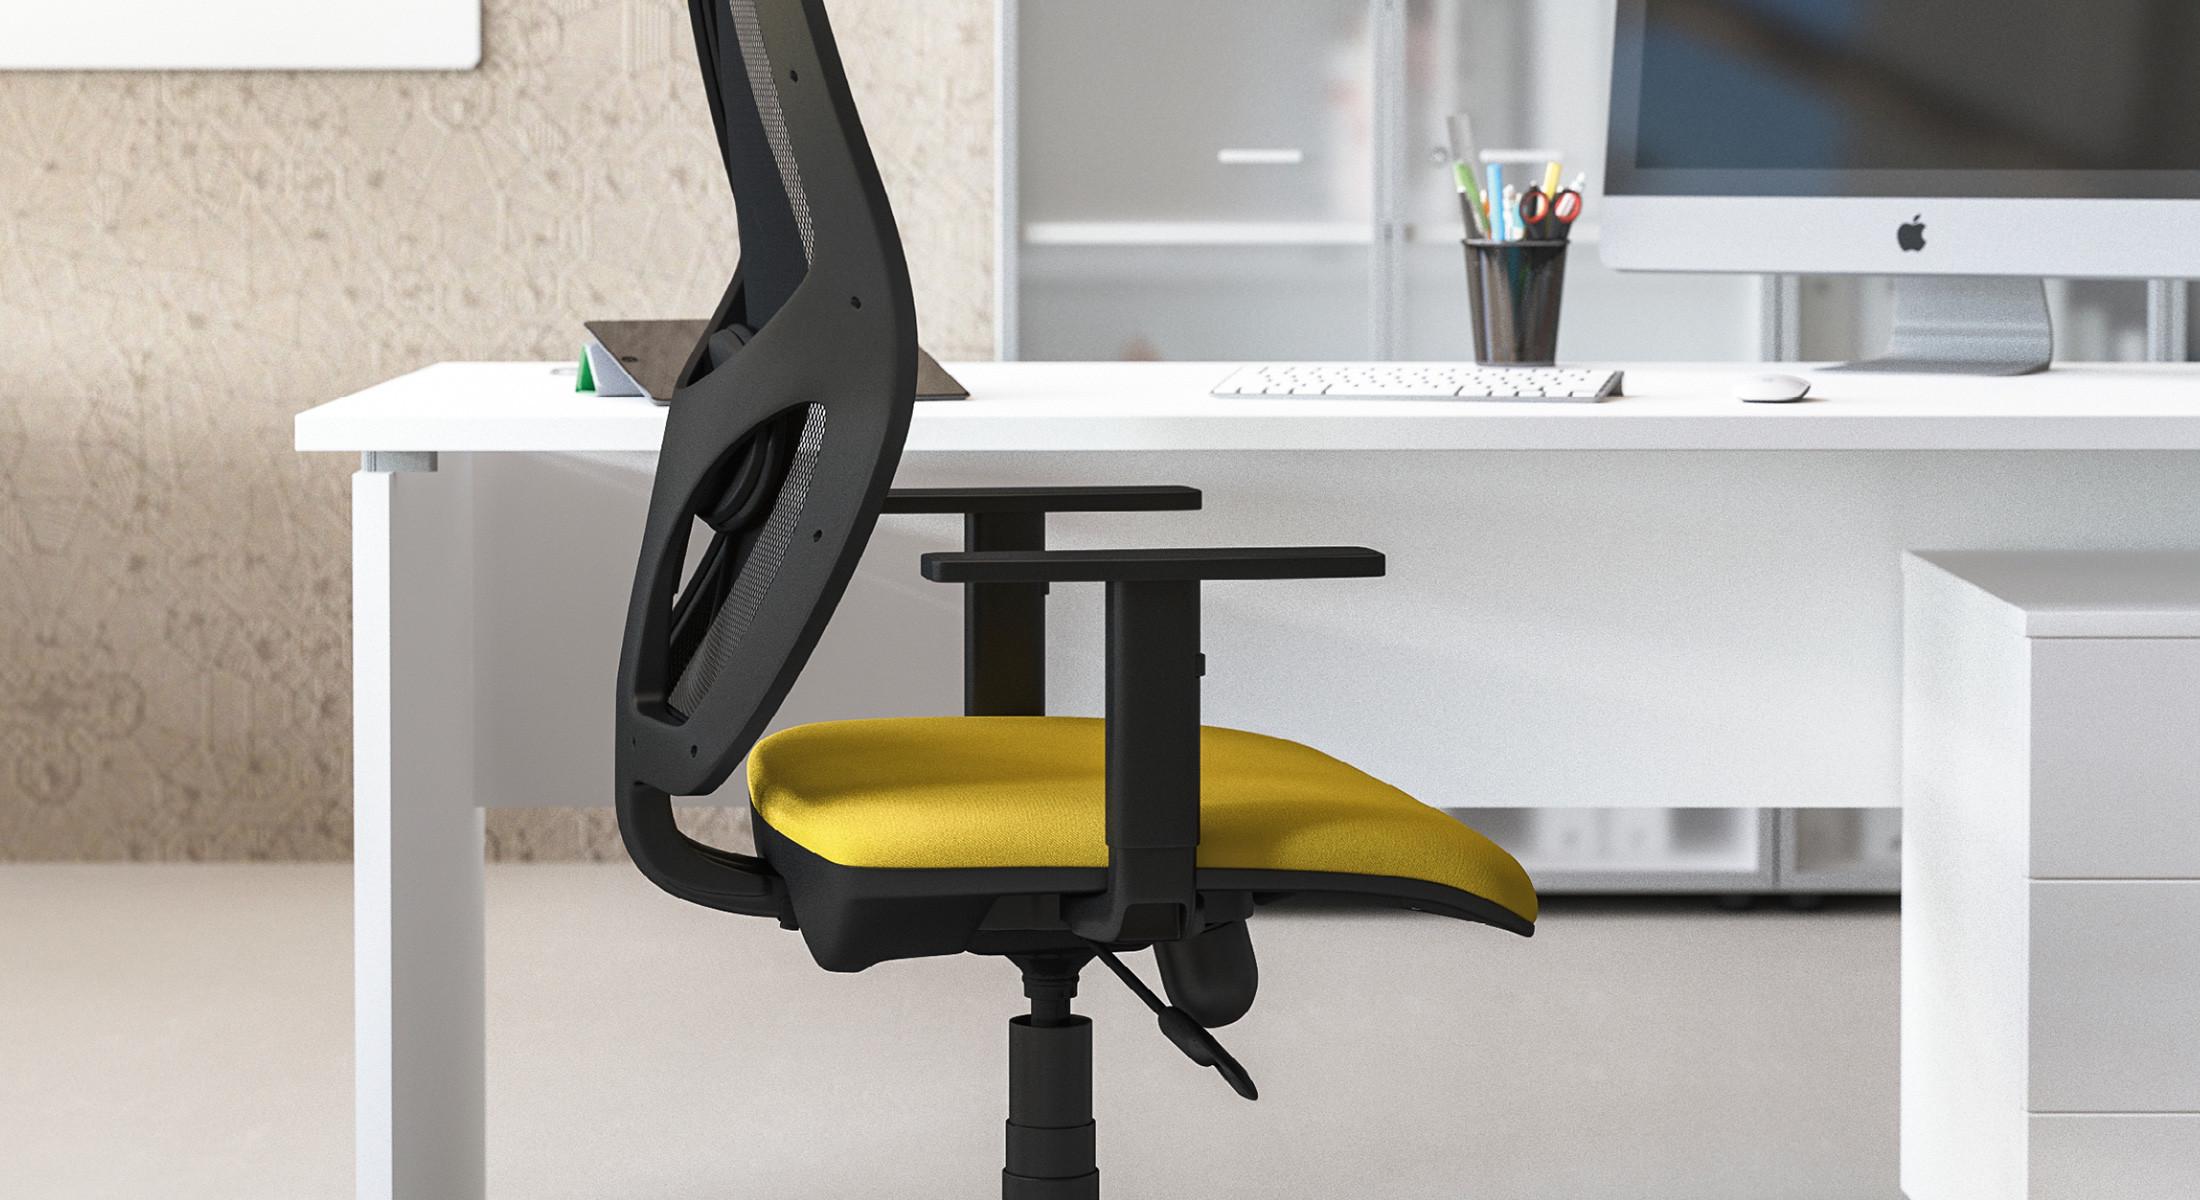 Li Per Ufficio : Le caratteristiche di una buona seduta per ufficio contact